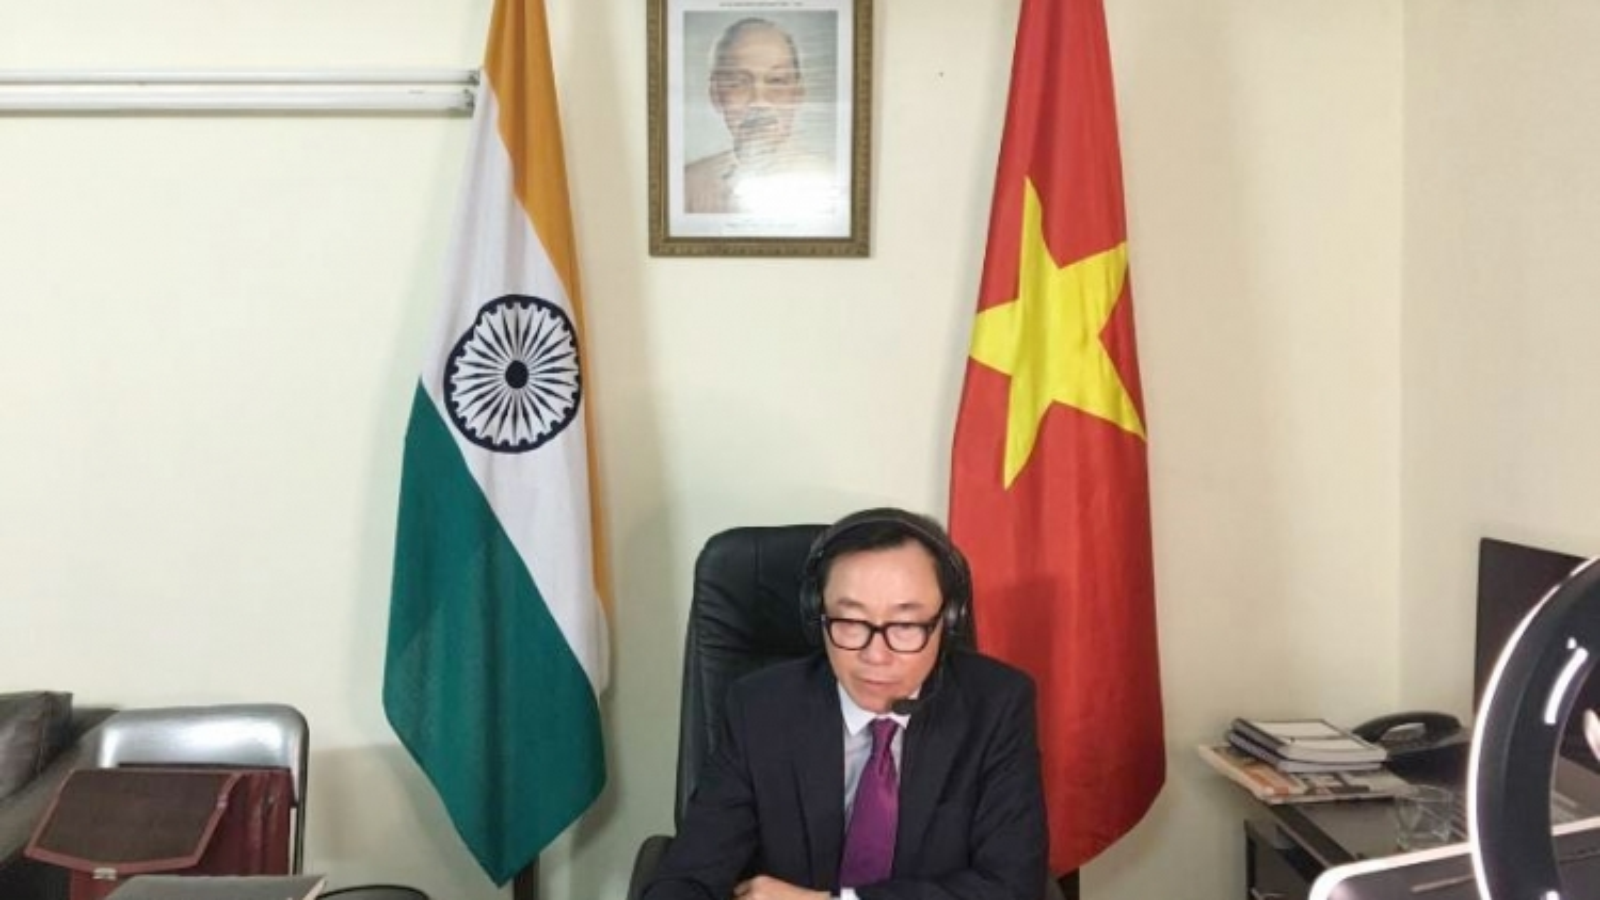 Tiềm năng lớn hợp tác về dệt may và thiết bị y tế giữa Việt Nam và Ấn Độ